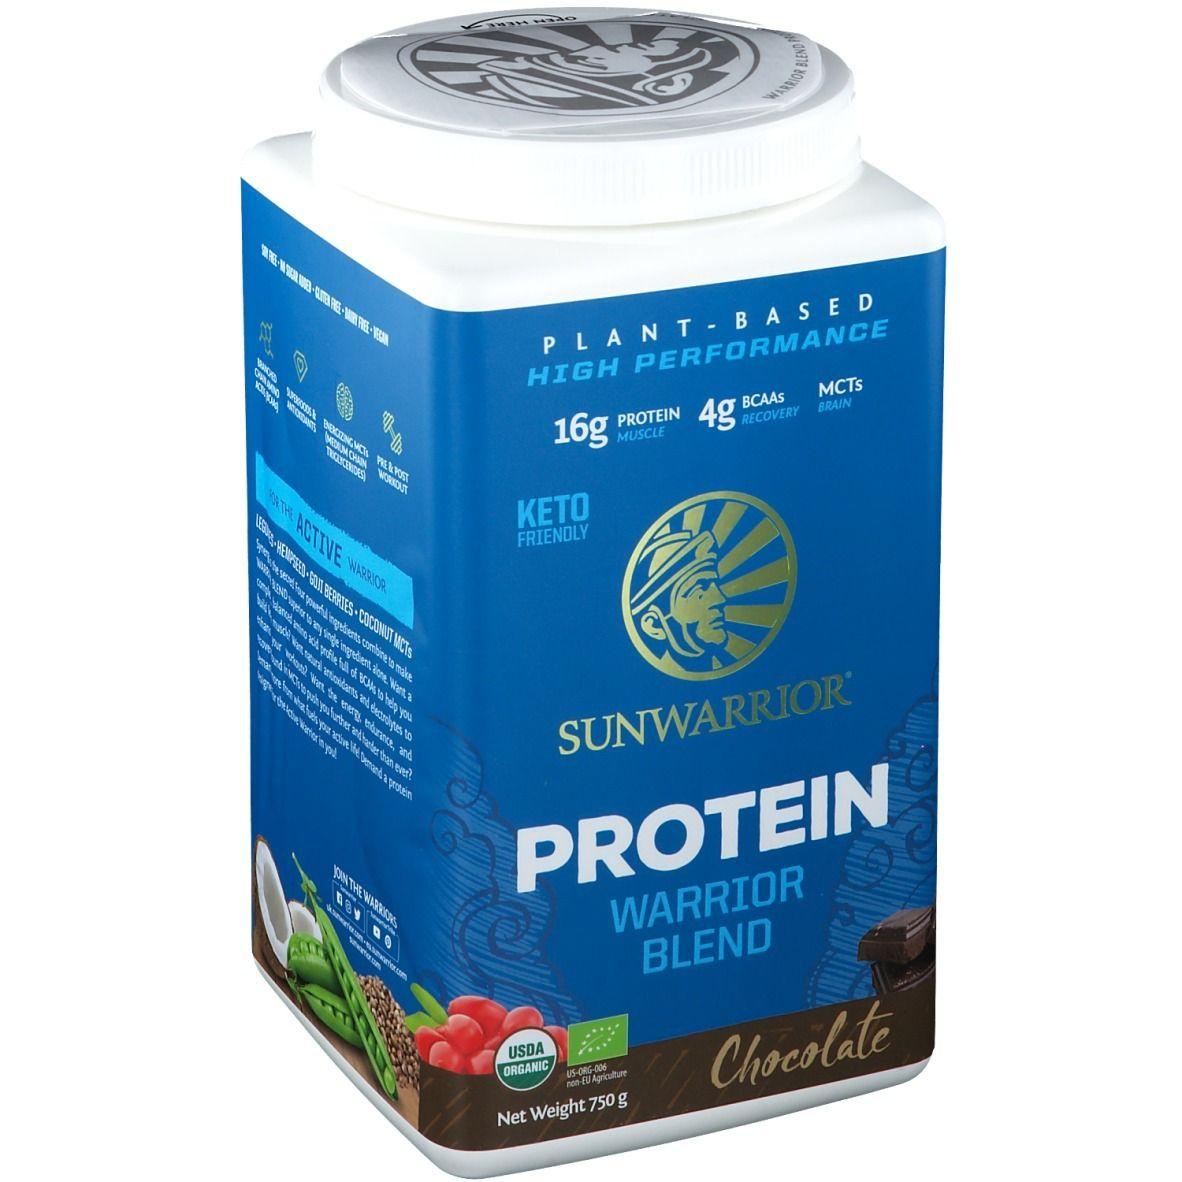 SUNWARRIOR® Protein Warrior Blend Chocolate